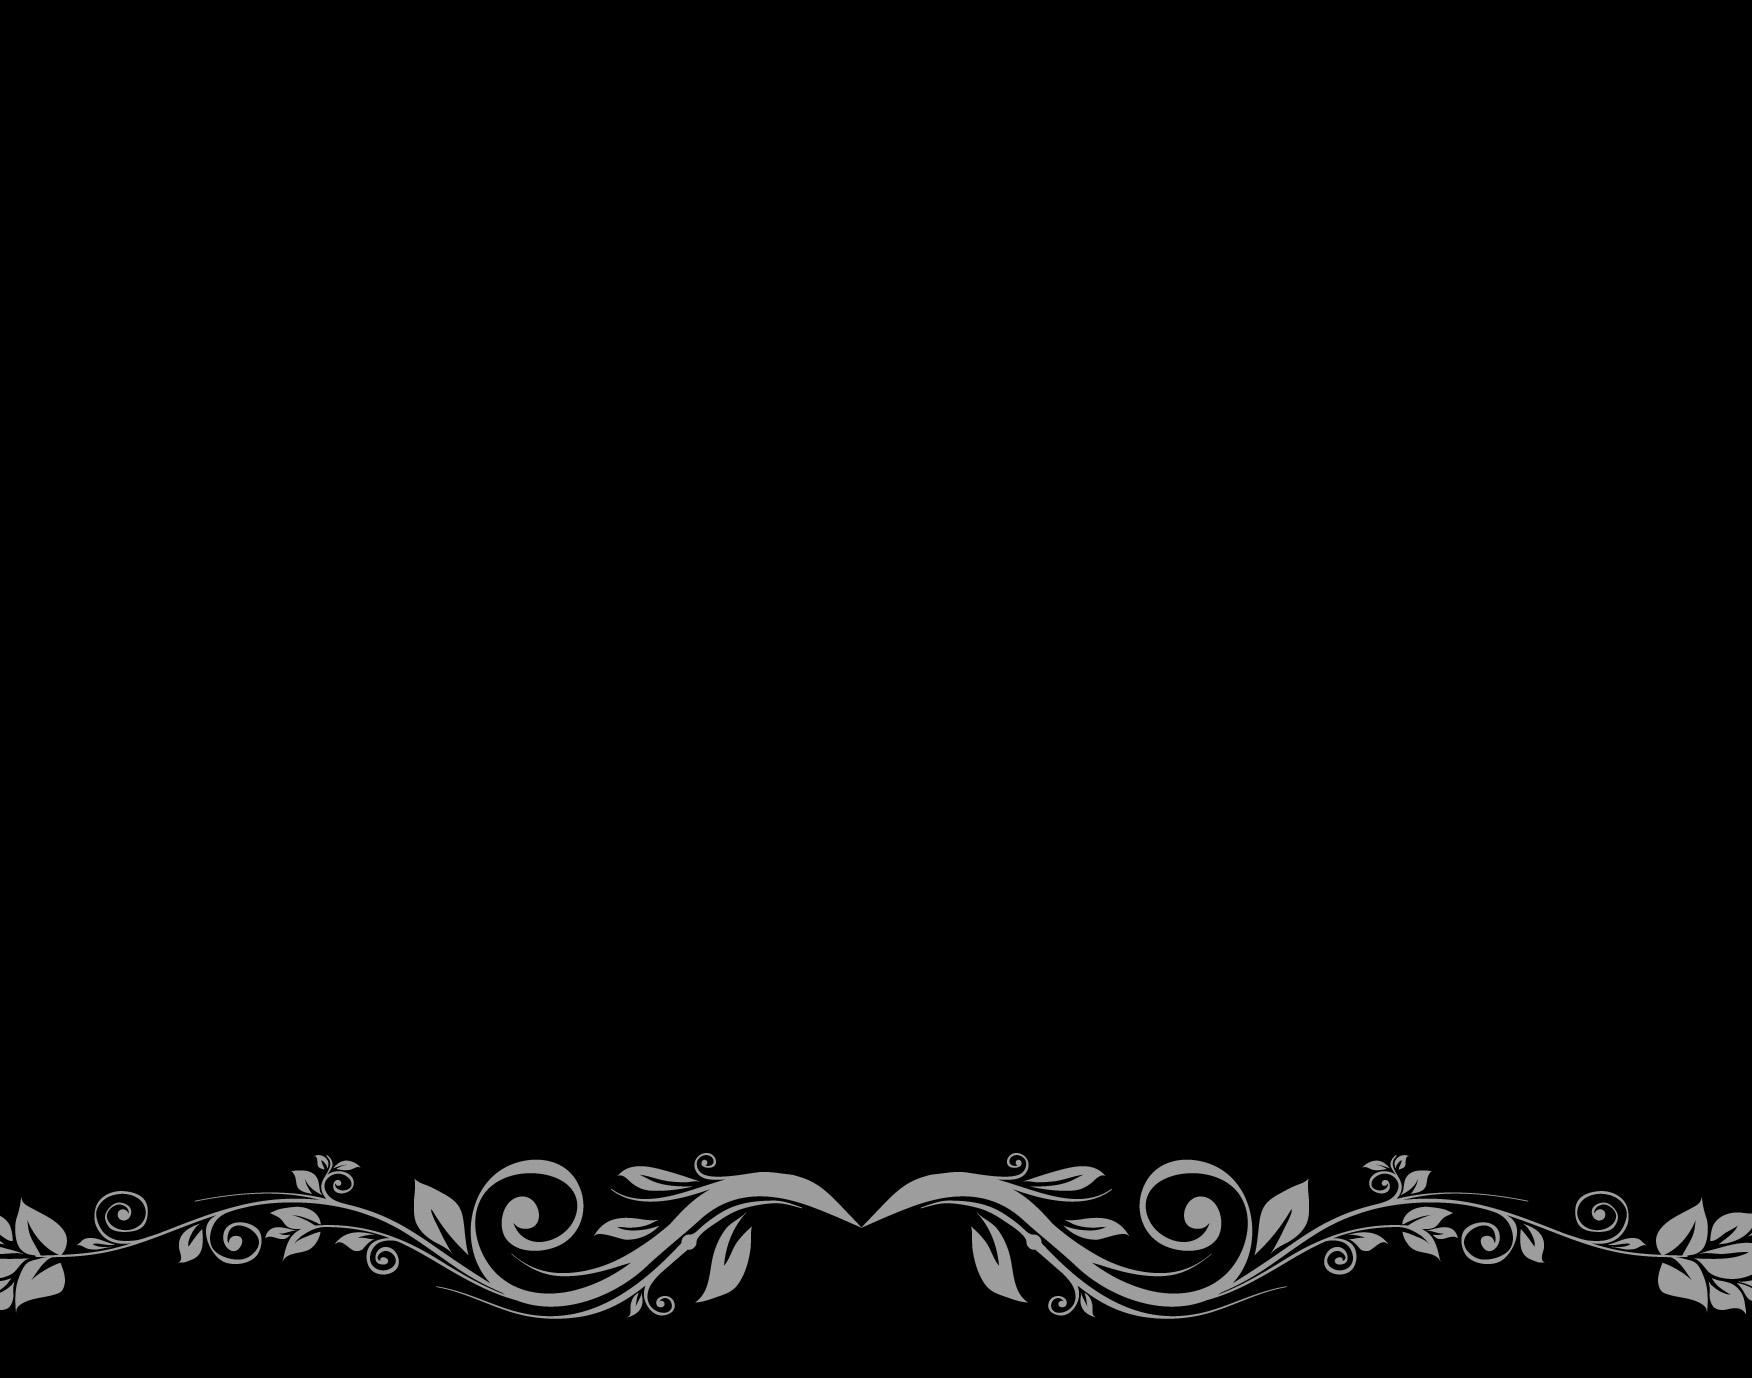 ppt background elegant black border ppt backgrounds elegant black Car ...